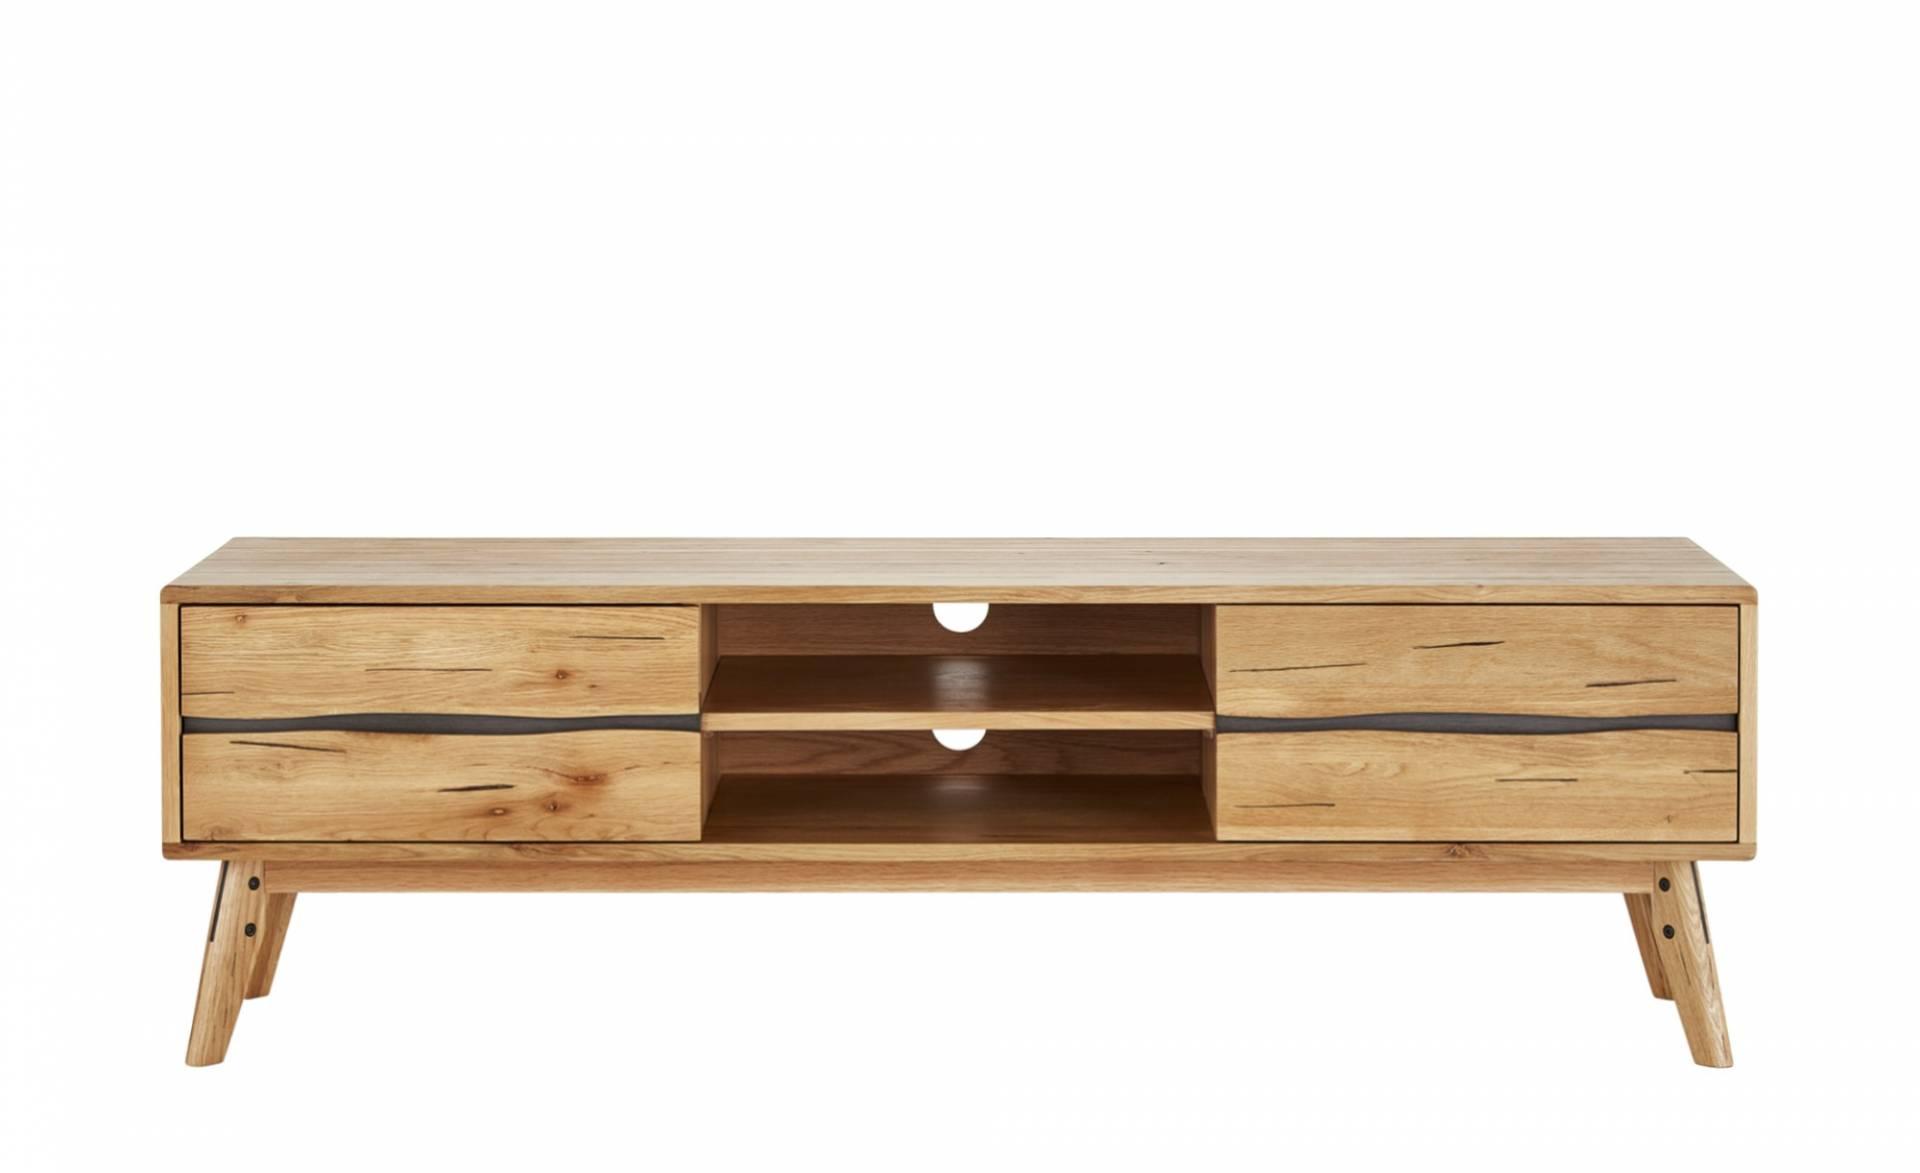 m bel f r wohnzimmer bei m bel h ffner g nstig online kaufen bei m bel garten. Black Bedroom Furniture Sets. Home Design Ideas